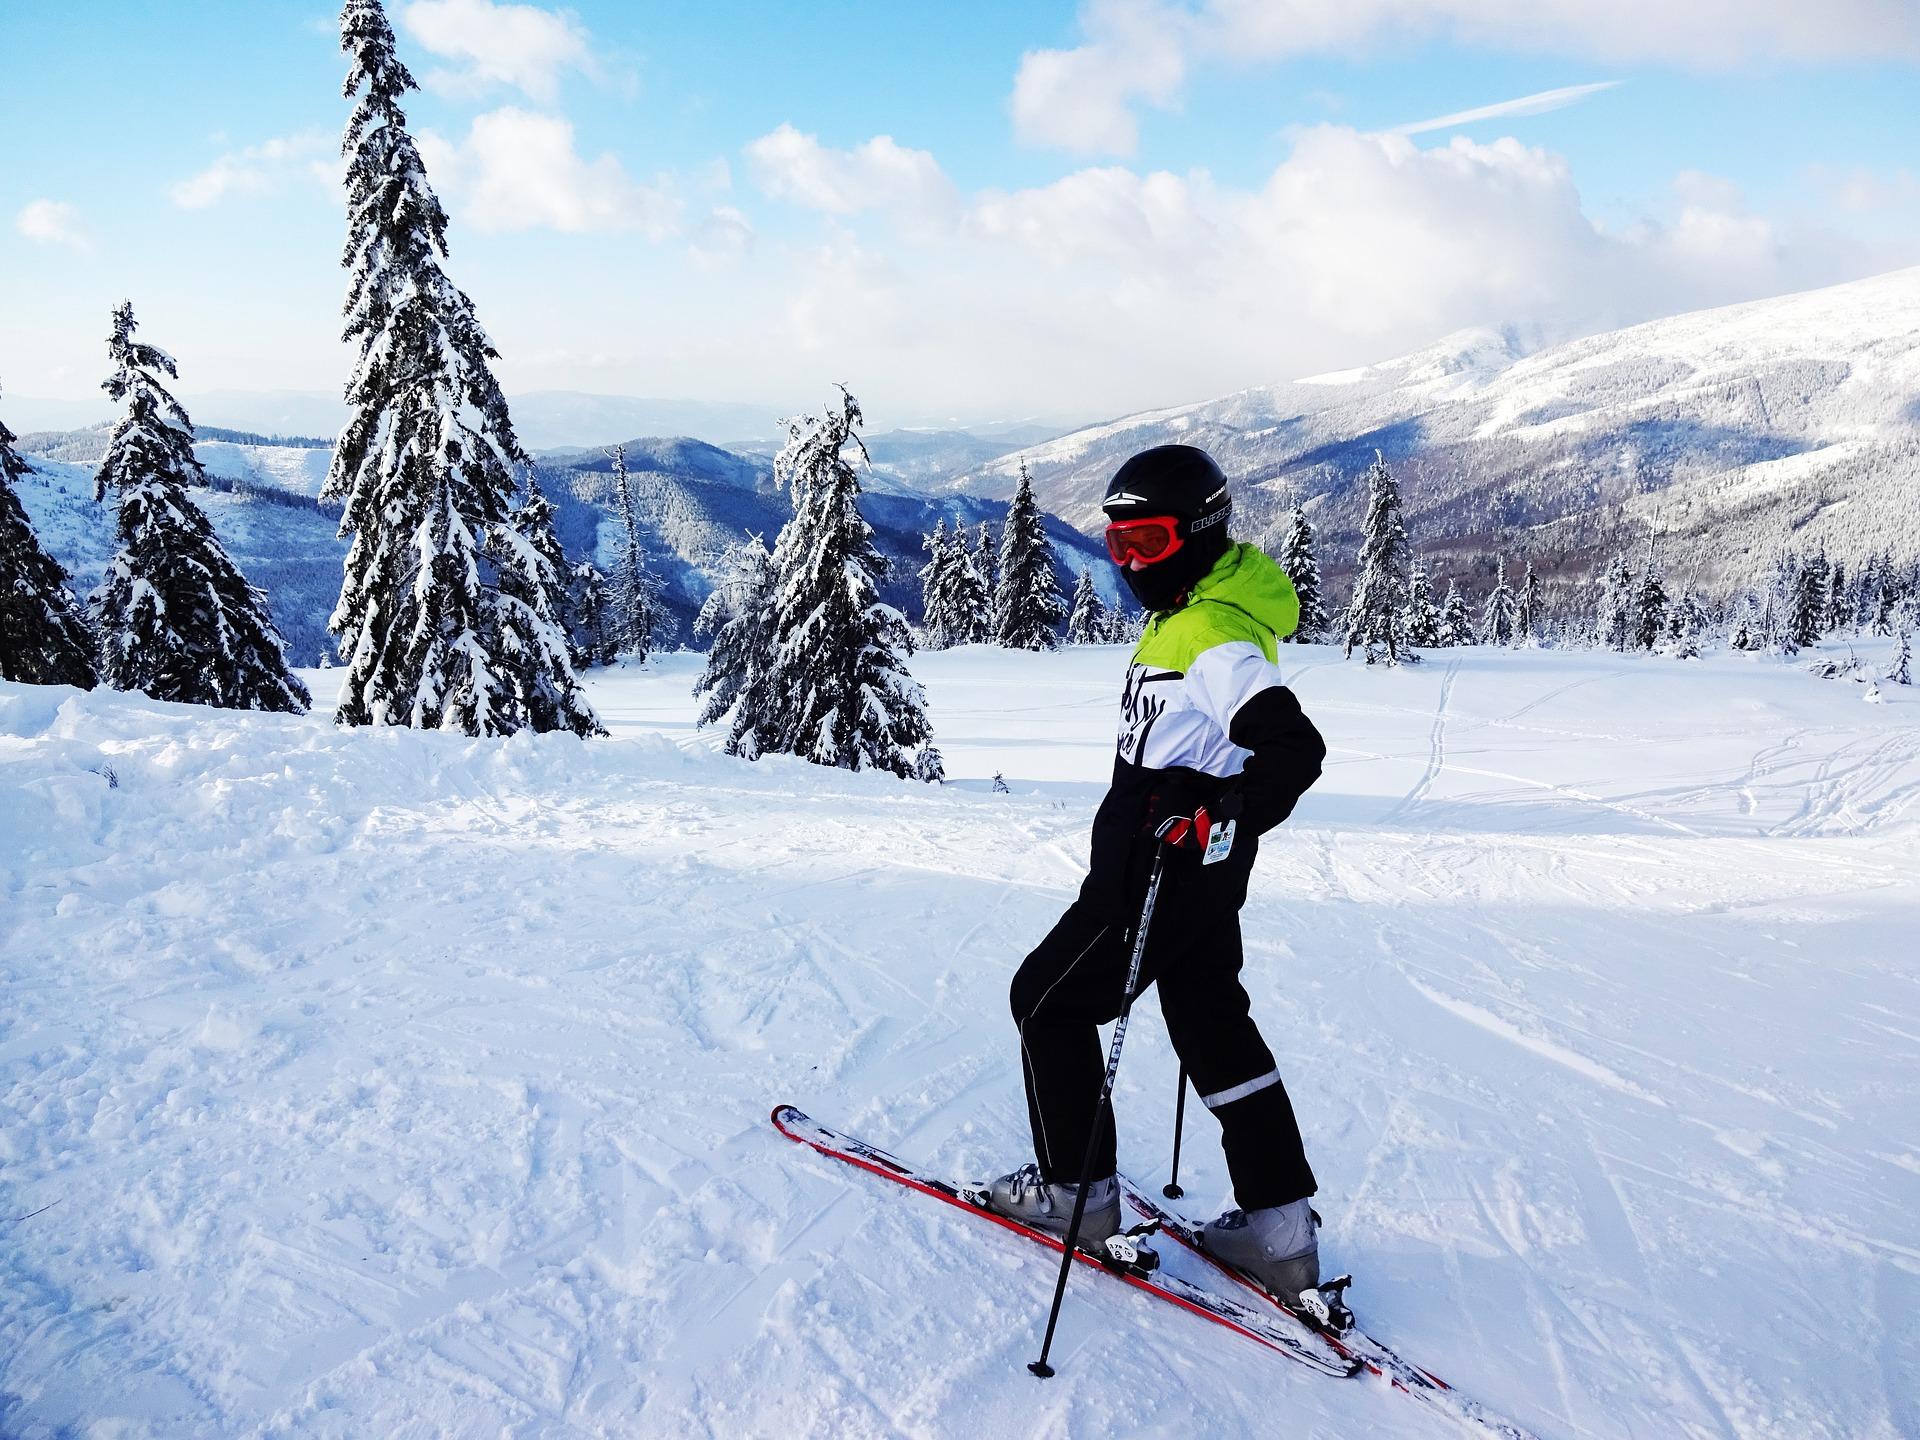 Winterurlaub in Tschechien günstig ab 39,00 € - Skiurlaub im Feriendorf Happy Hill